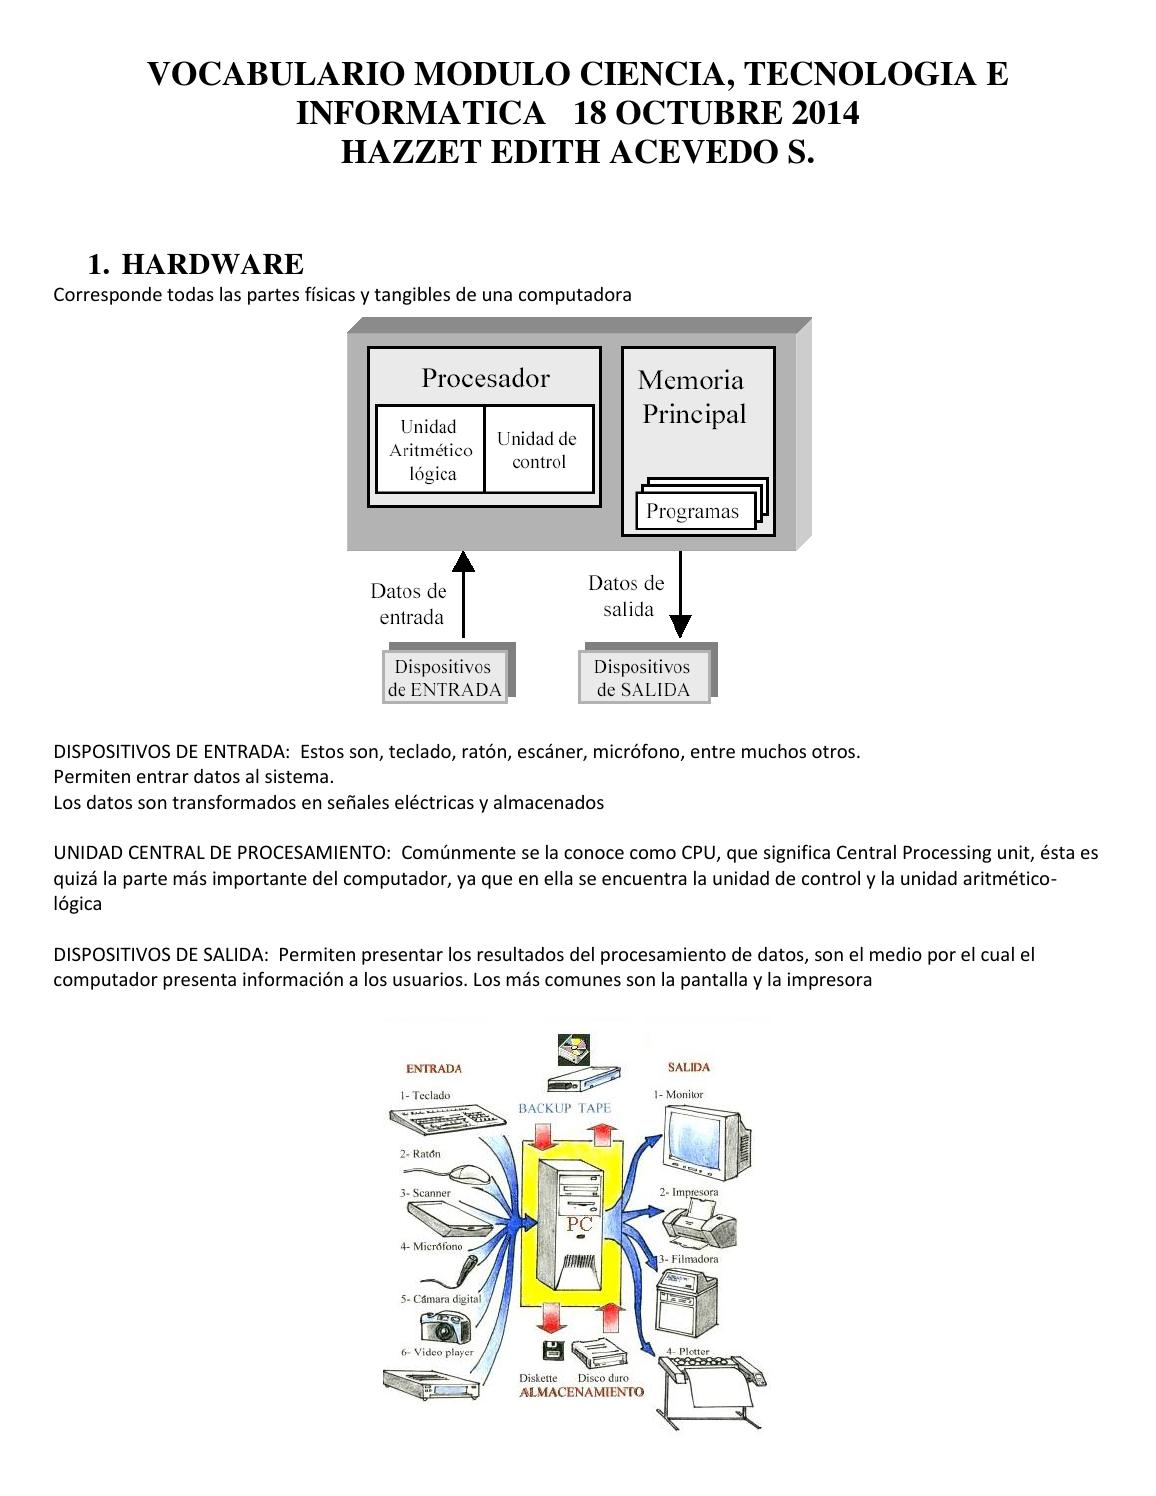 Ciencia tecnologia e informatica hazzet by hazzet issuu for Que significa hardware